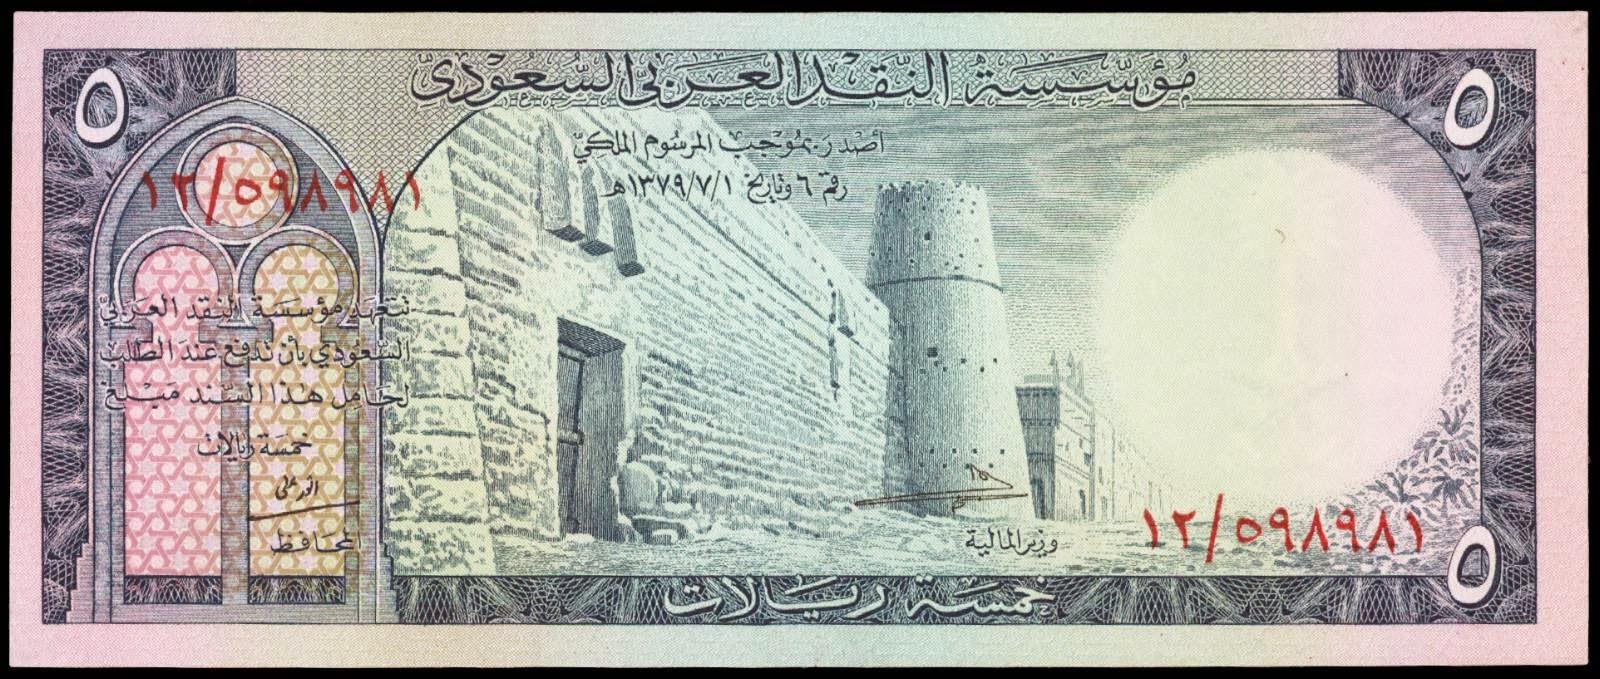 Saudi Arabia banknotes 5 Riyals banknote 1961 Al-Masmak